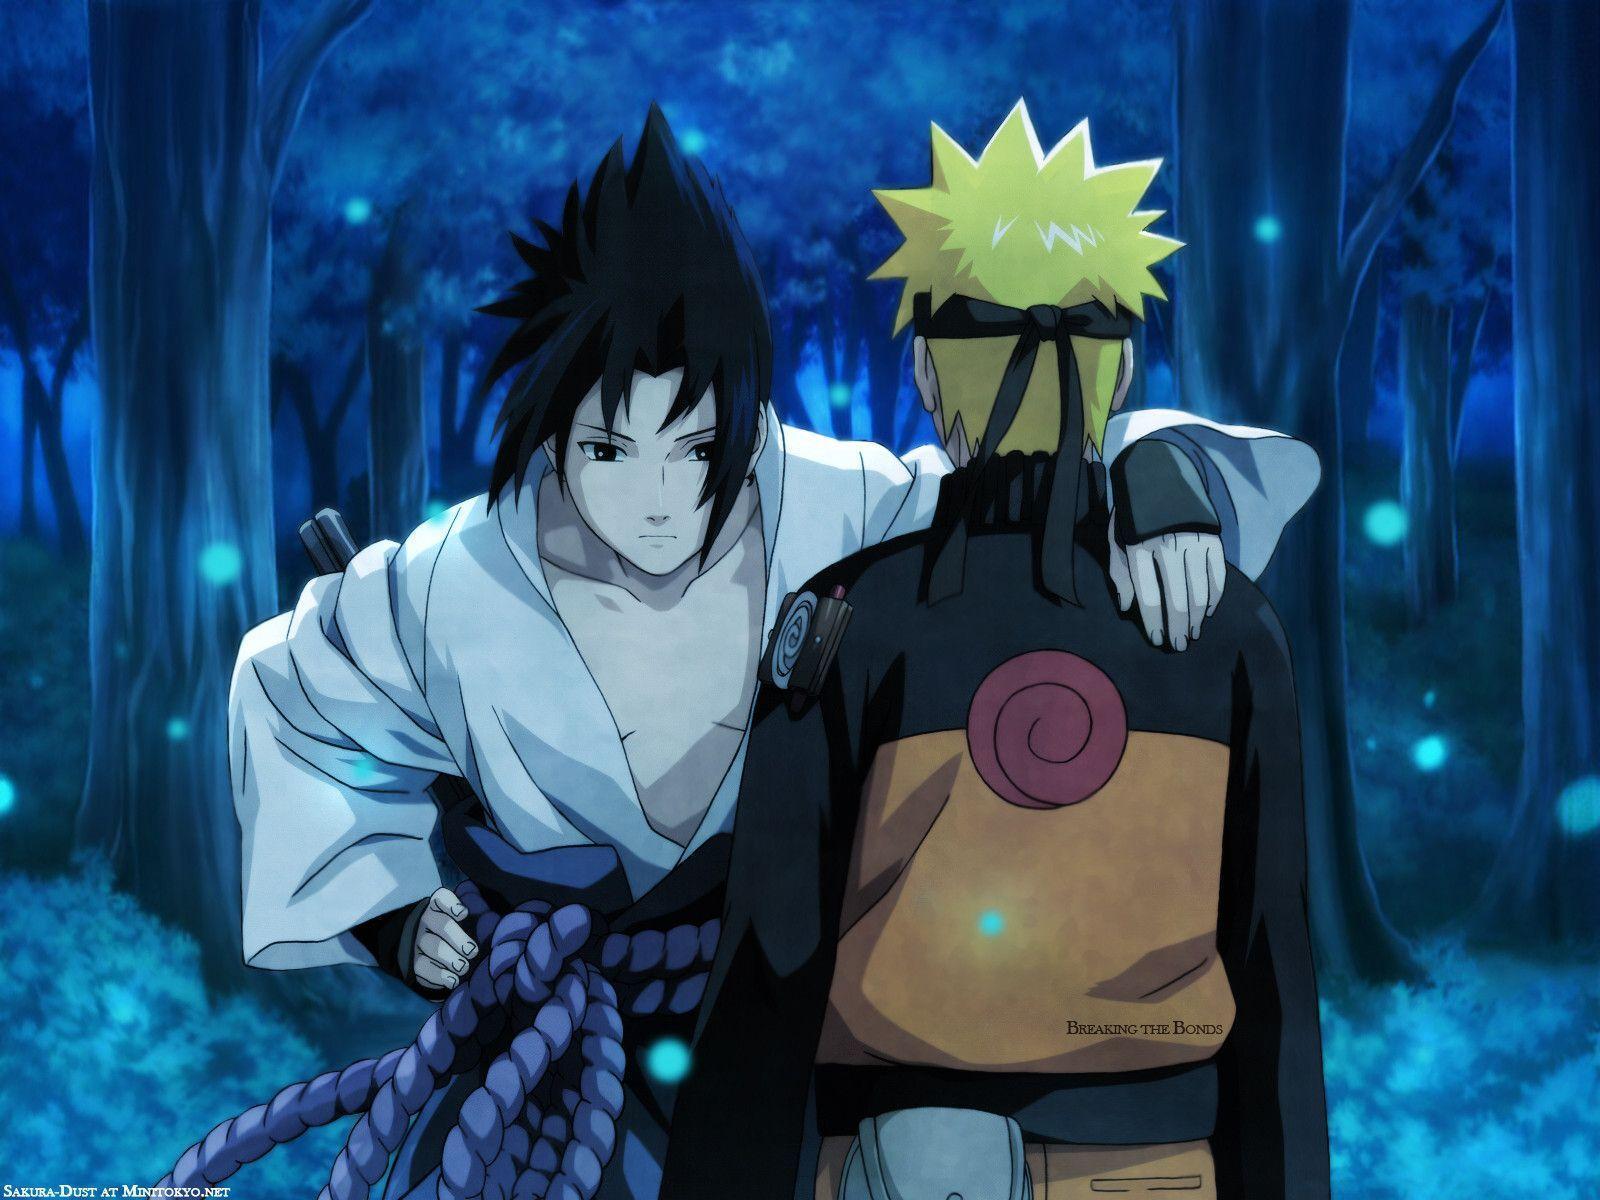 Naruto Shippuden Sasuke Wallpapers 1600x1200